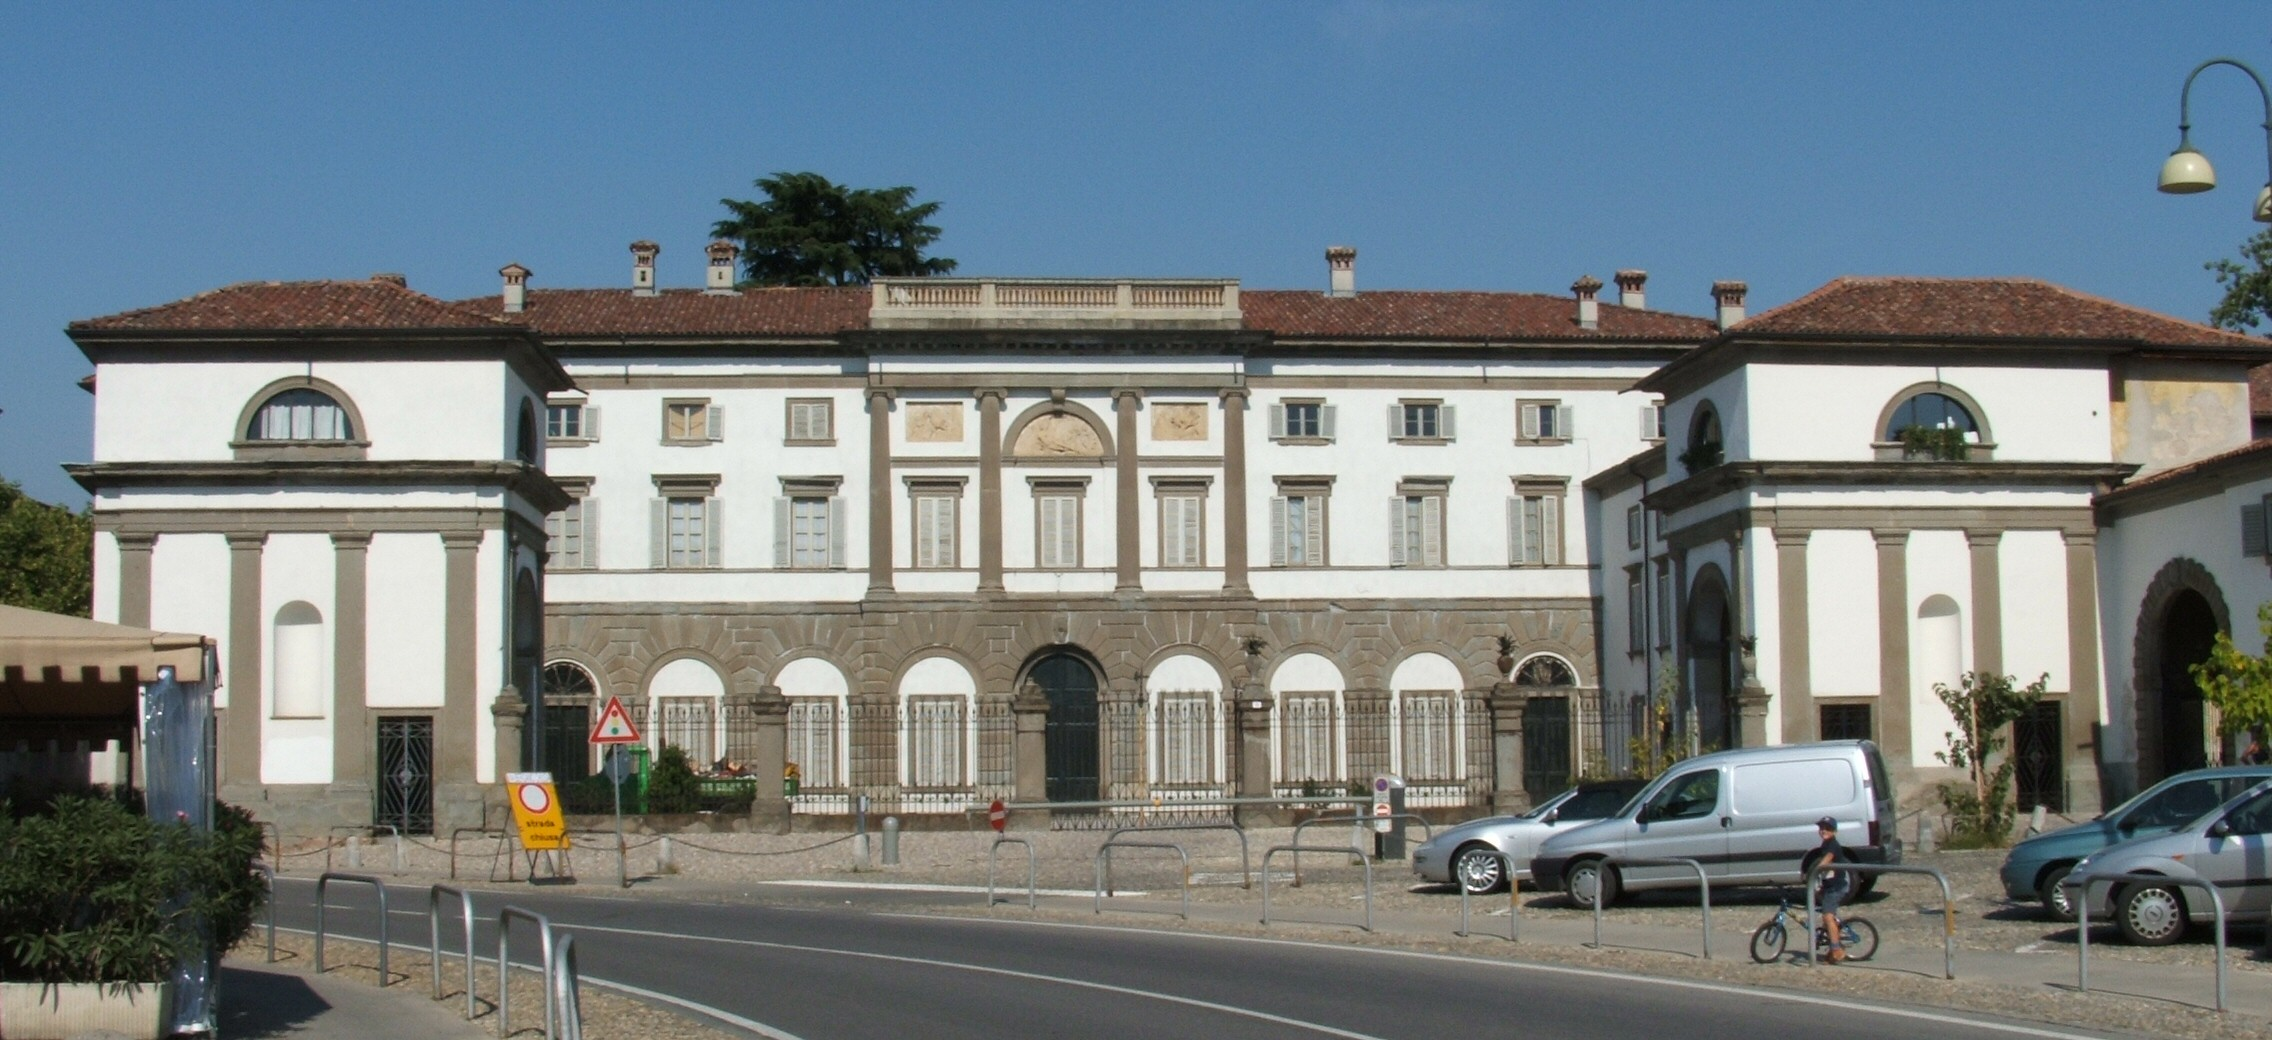 Stezzano Italy  city photos gallery : Stezzano villa Moroni Wikipedia